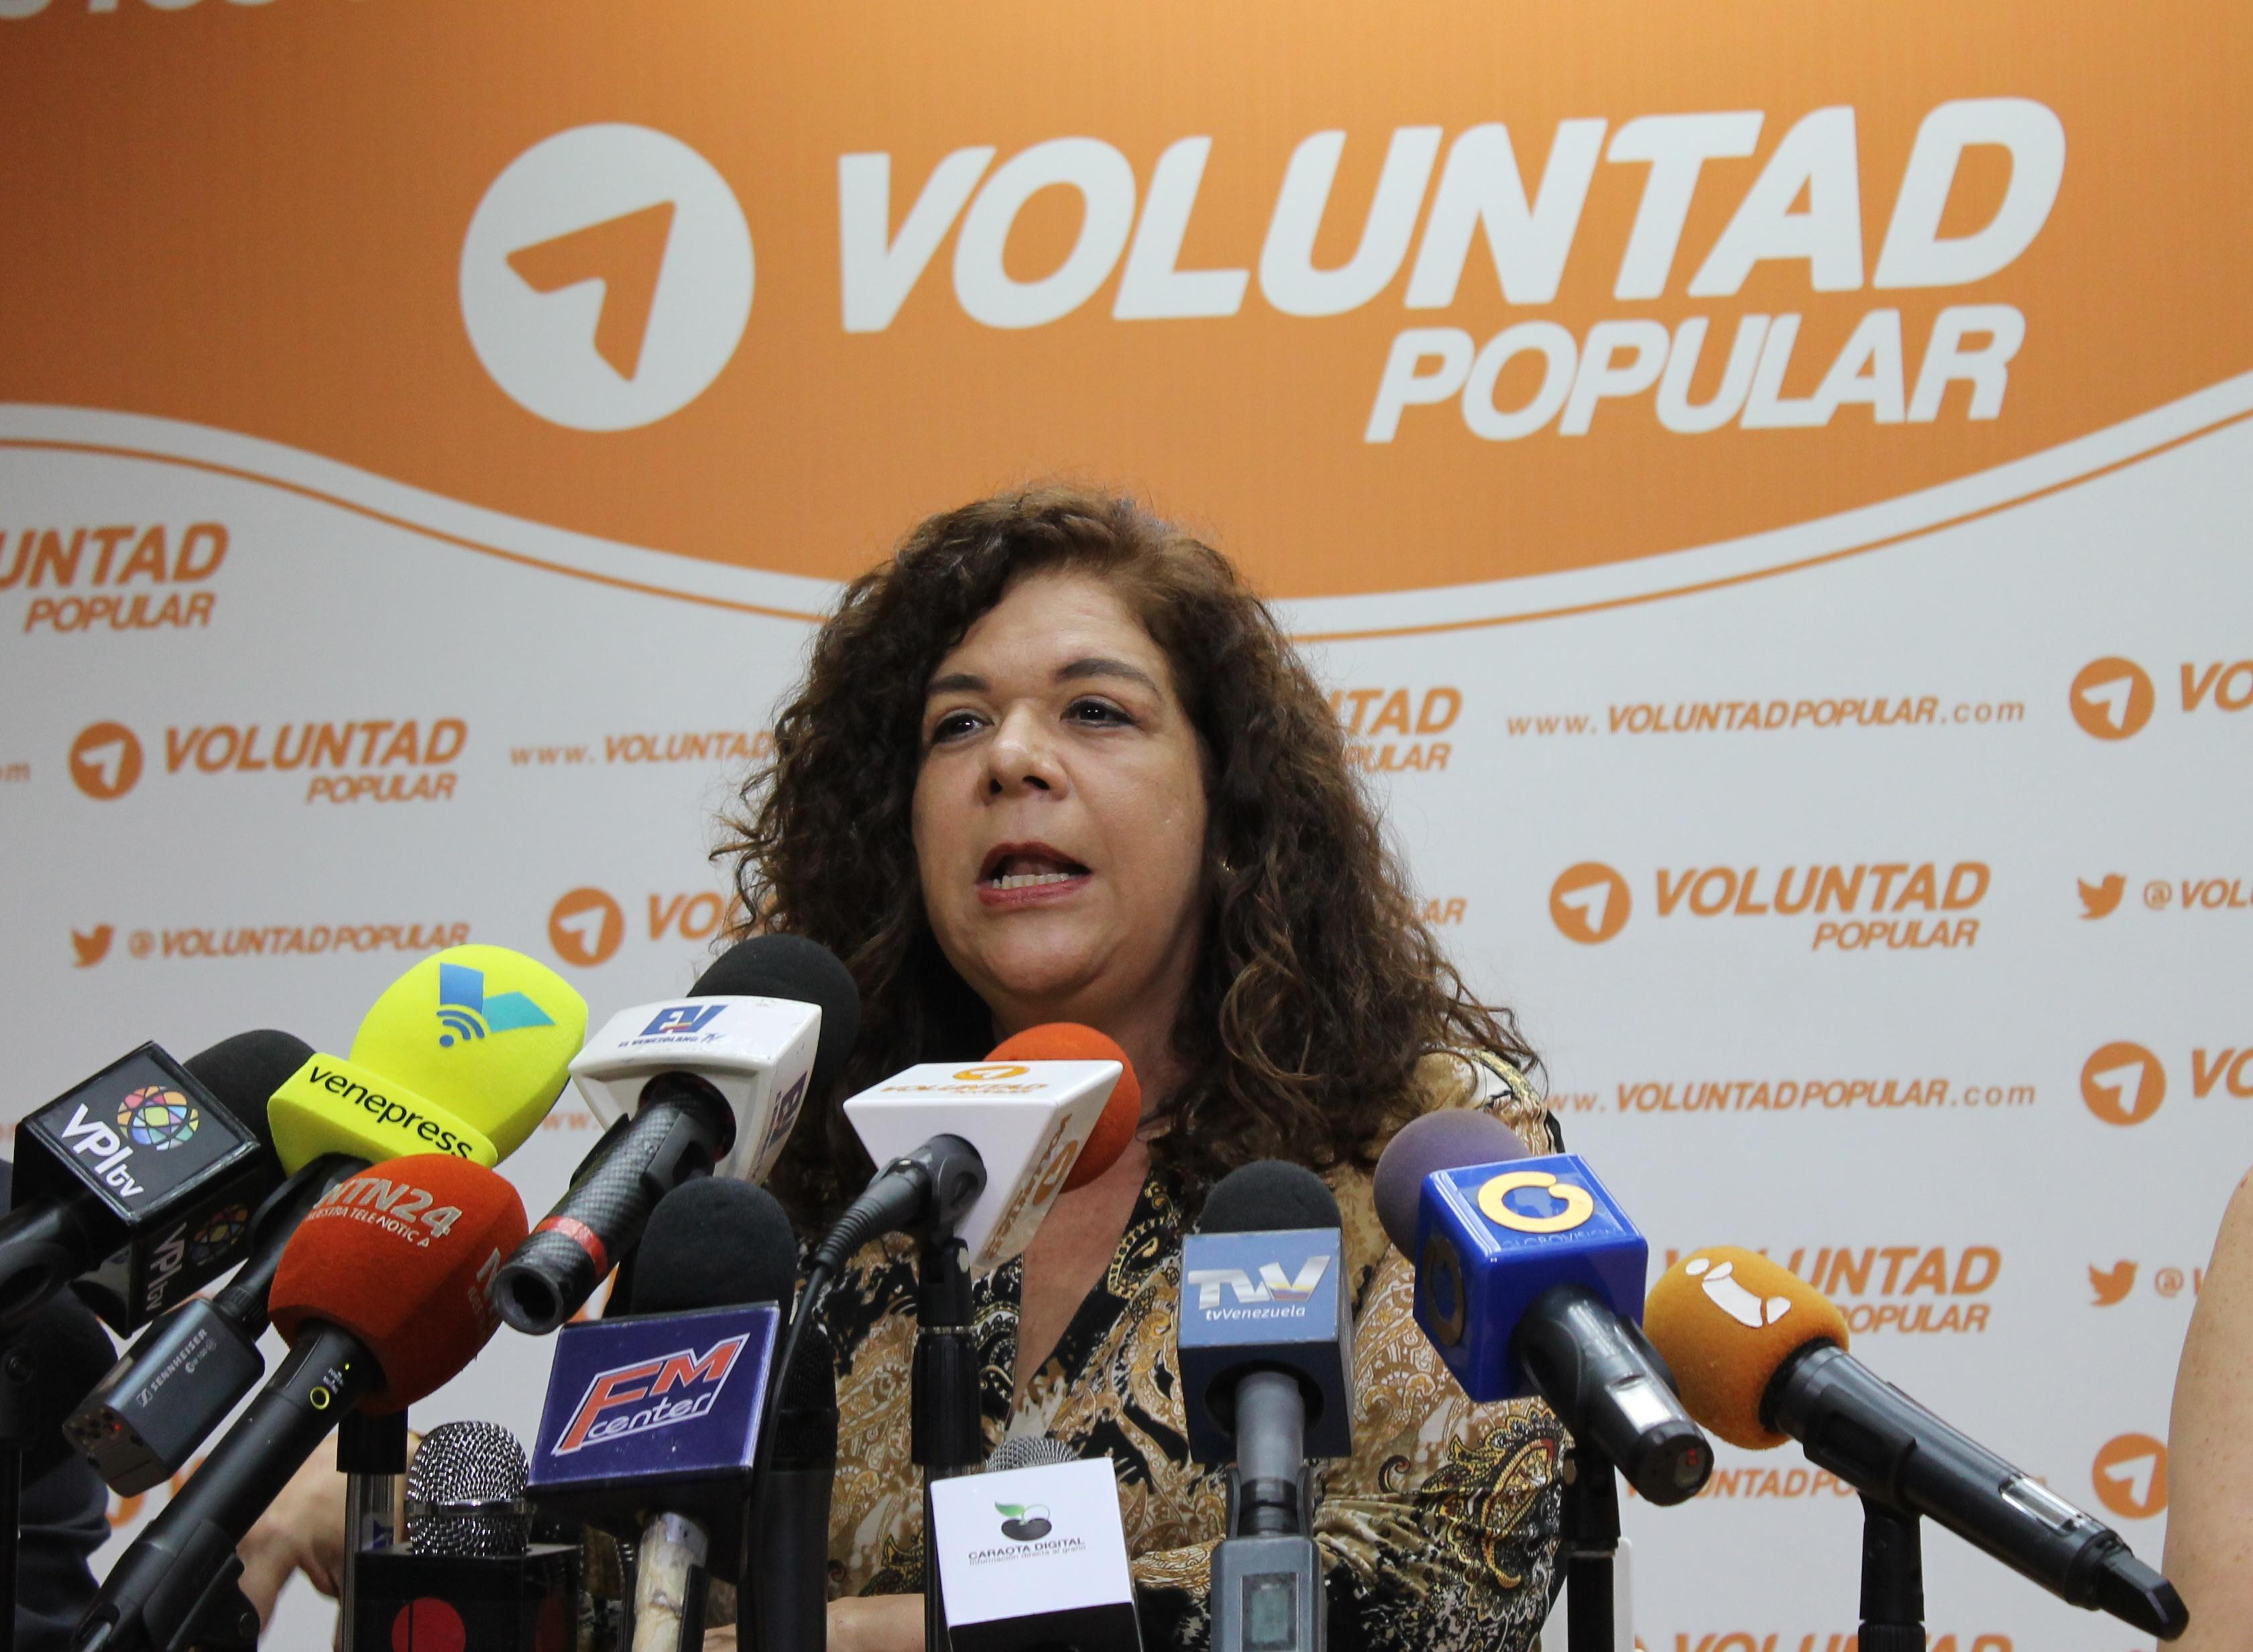 Defensa de Gilber Caro: sí estuvo en huelga de hambre y la AN irá a comprobarlo